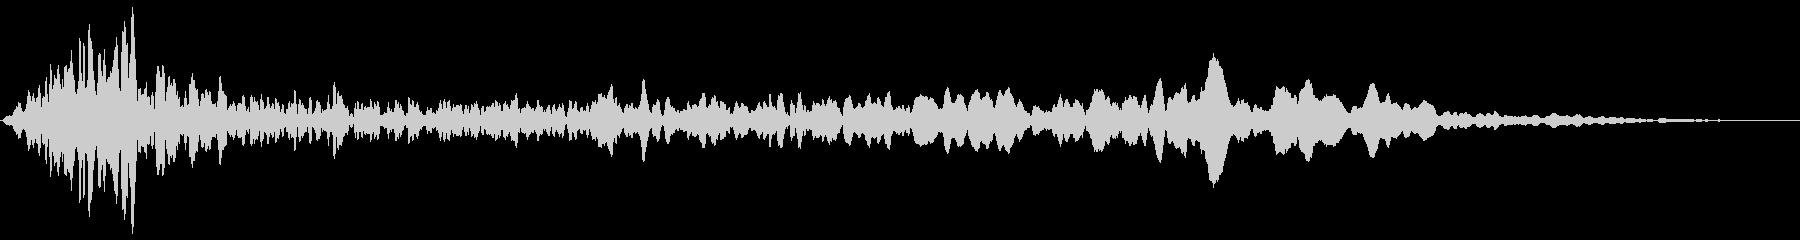 ヒュールル(風の音)の未再生の波形